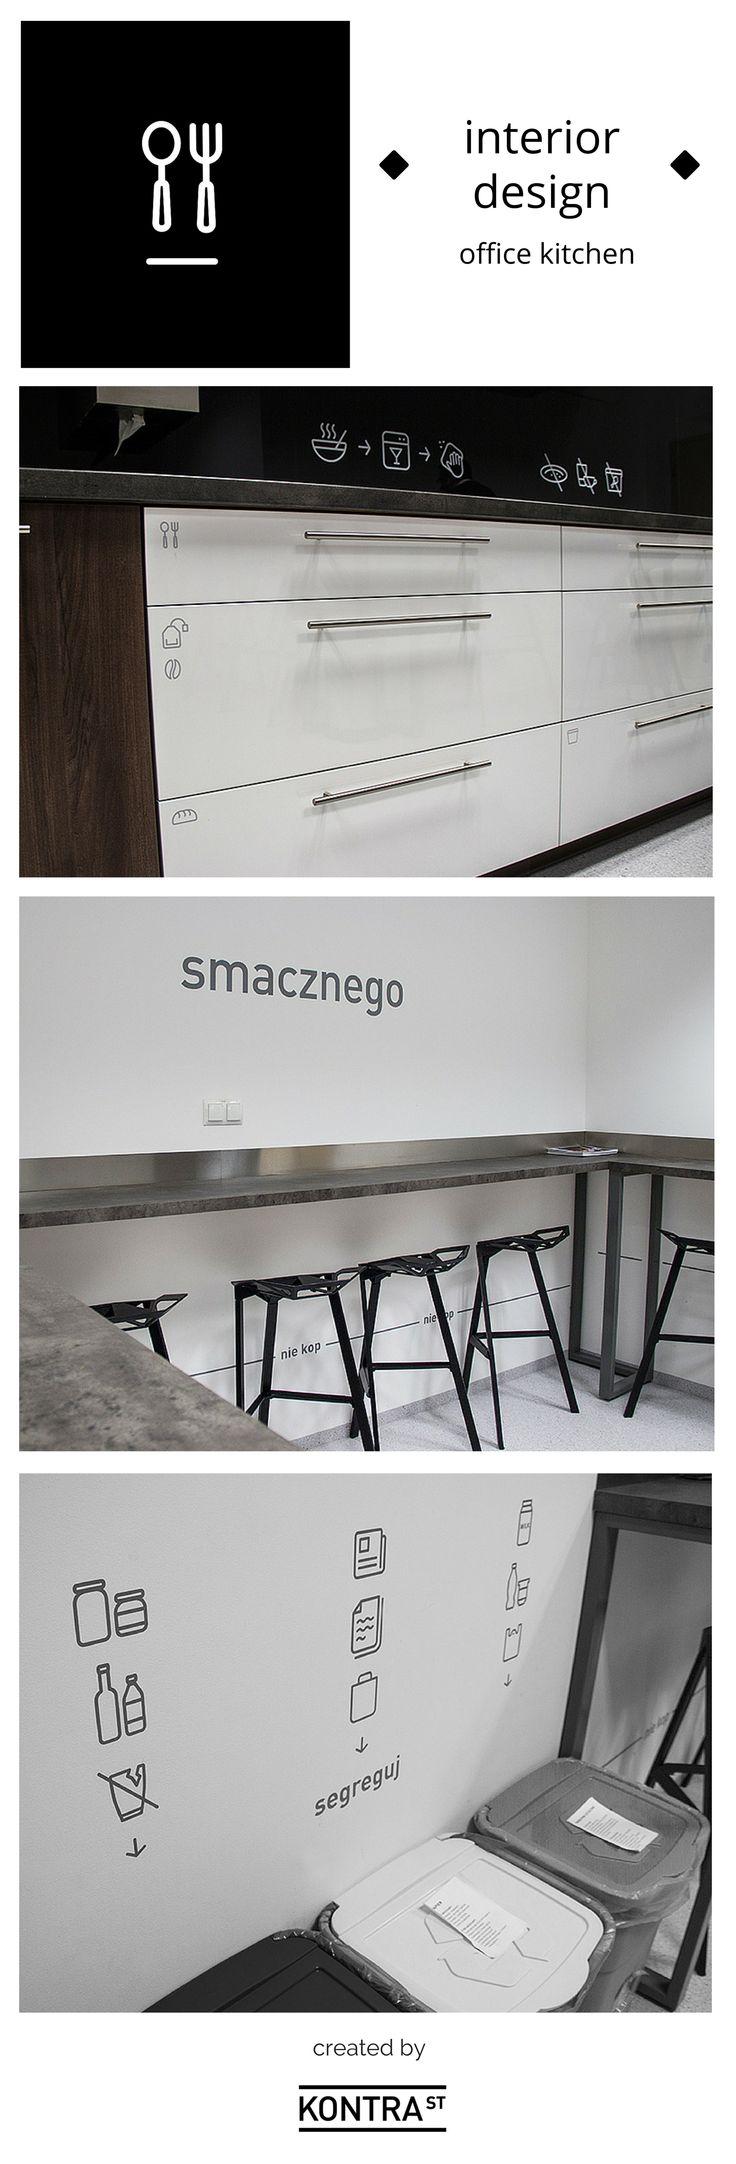 Office kitchen interior design - Employer Branding